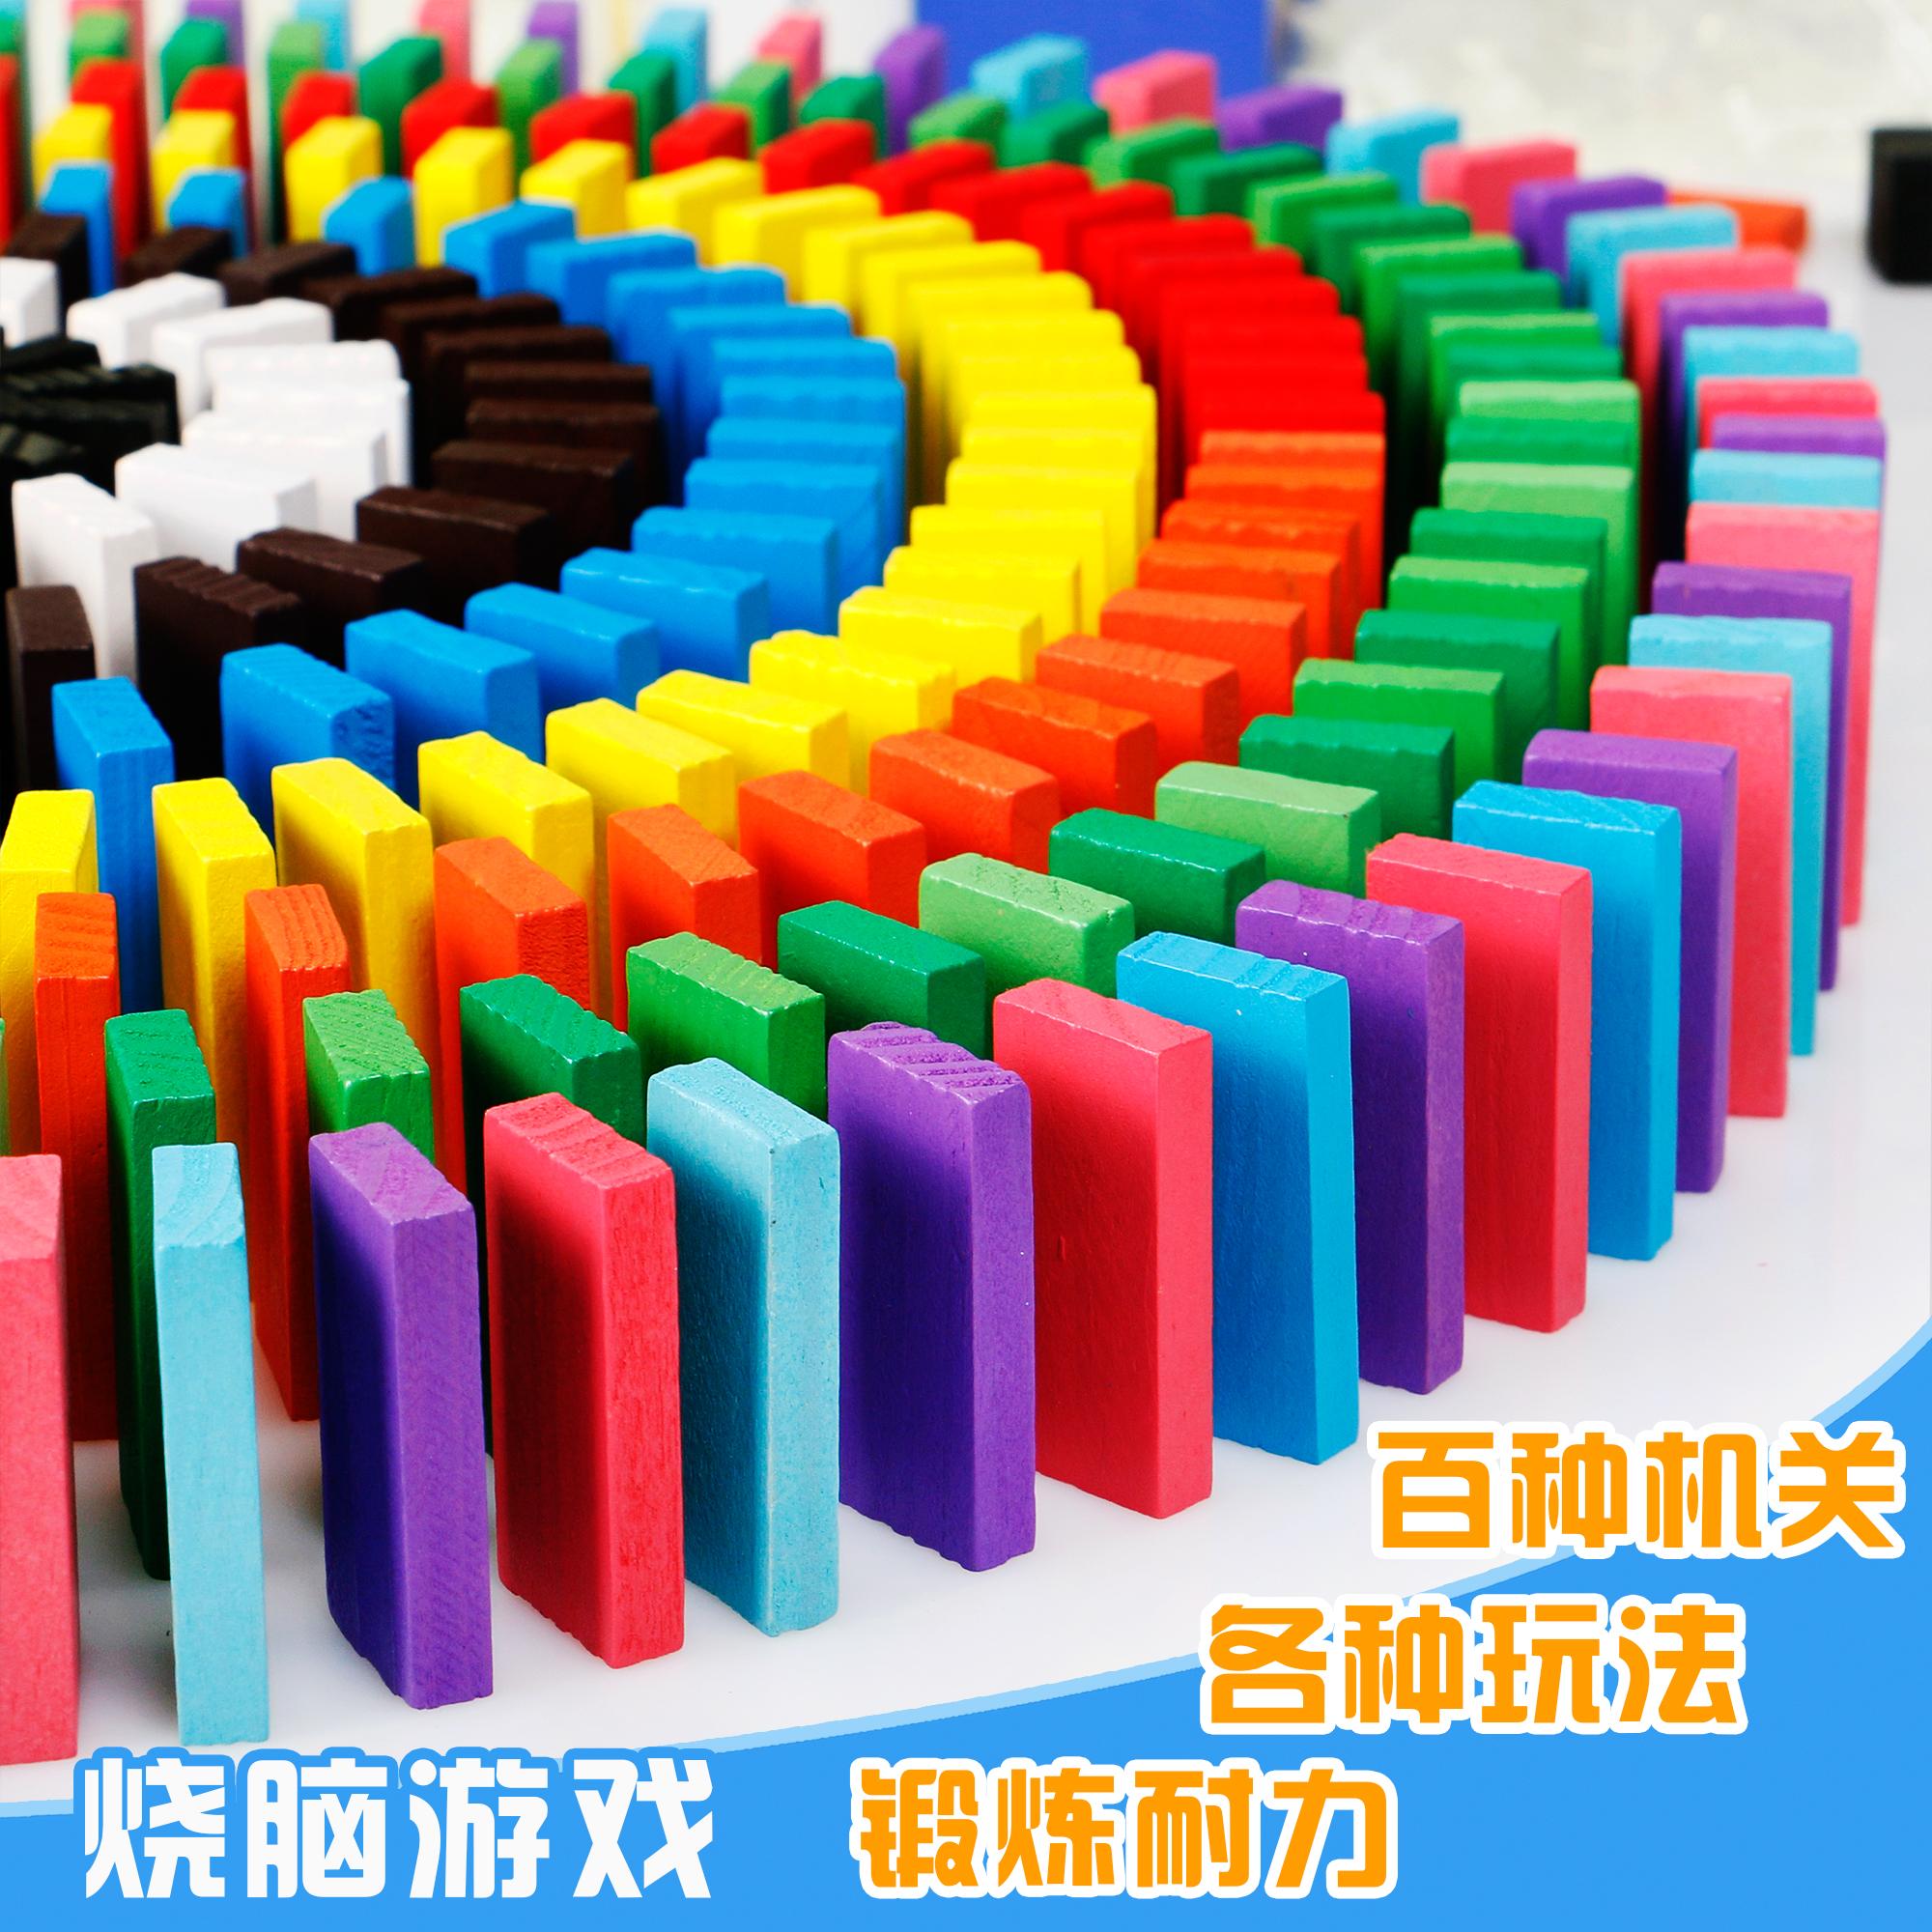 Домино кость карты выключить ребенок головоломка строительные блоки для взрослых конкуренция специальный интеллект деревянный орган сжигать мозг игрушка